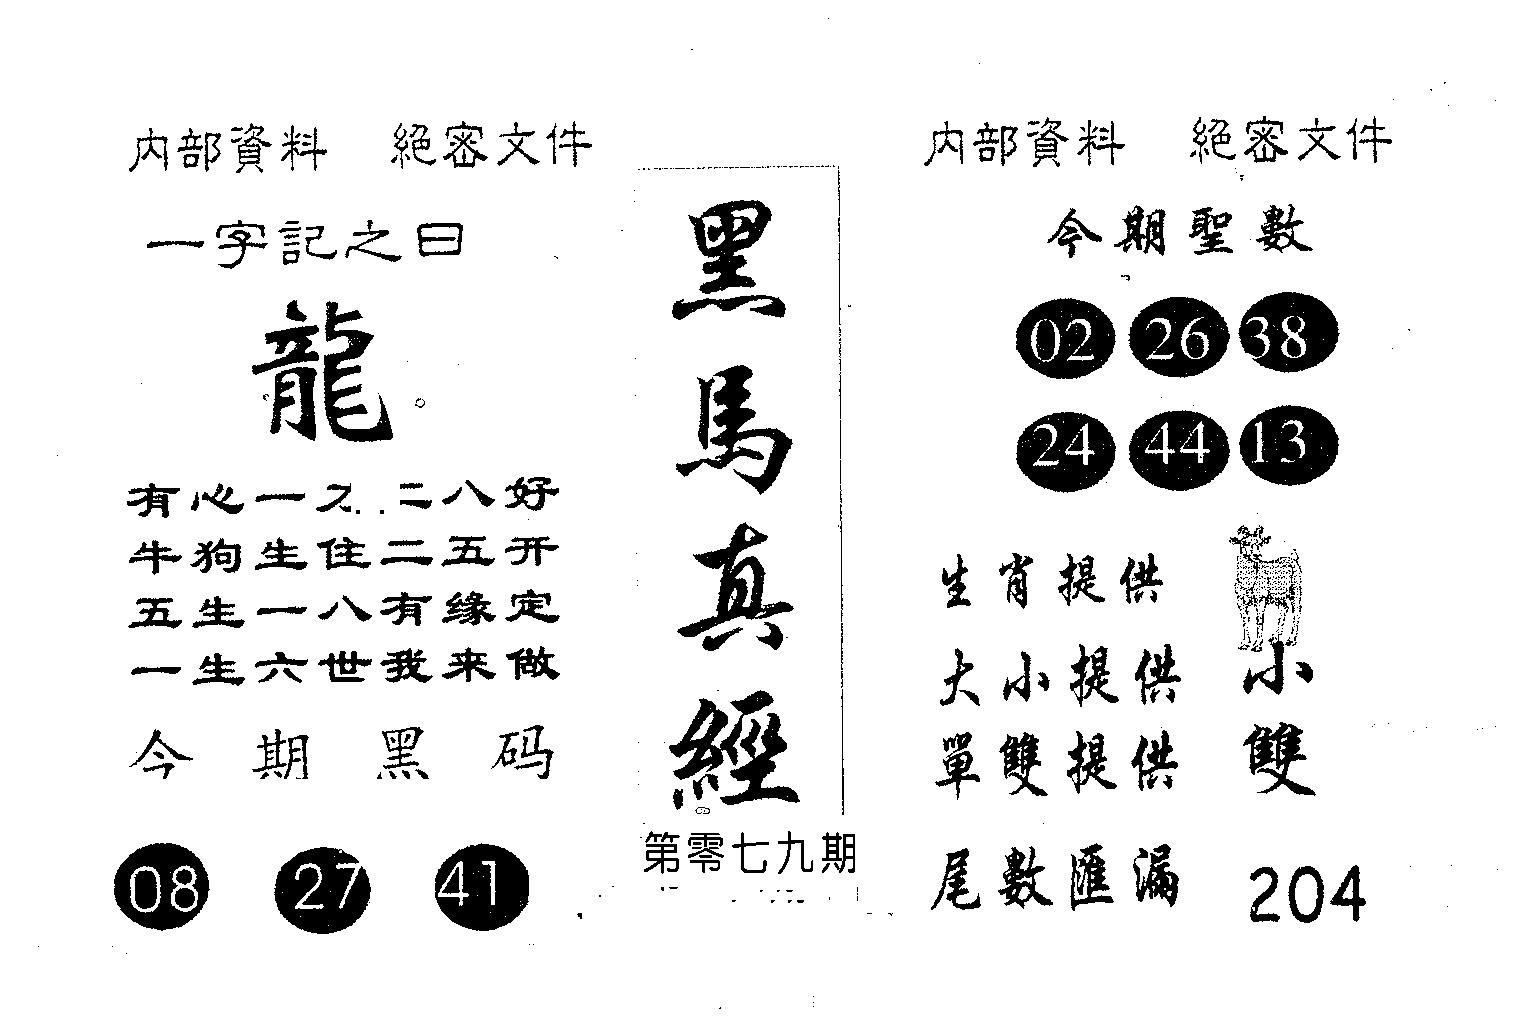 079期黑马真经(黑白)